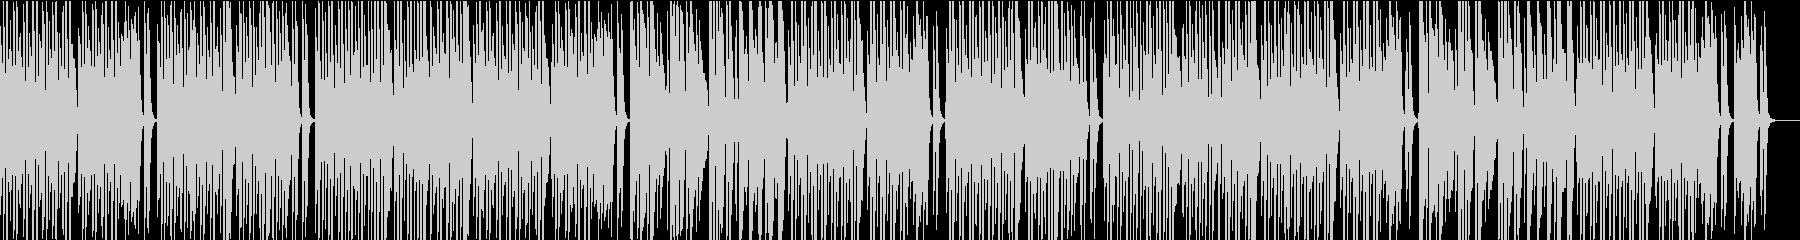 メロディの少ない可愛いピアノポップスの未再生の波形